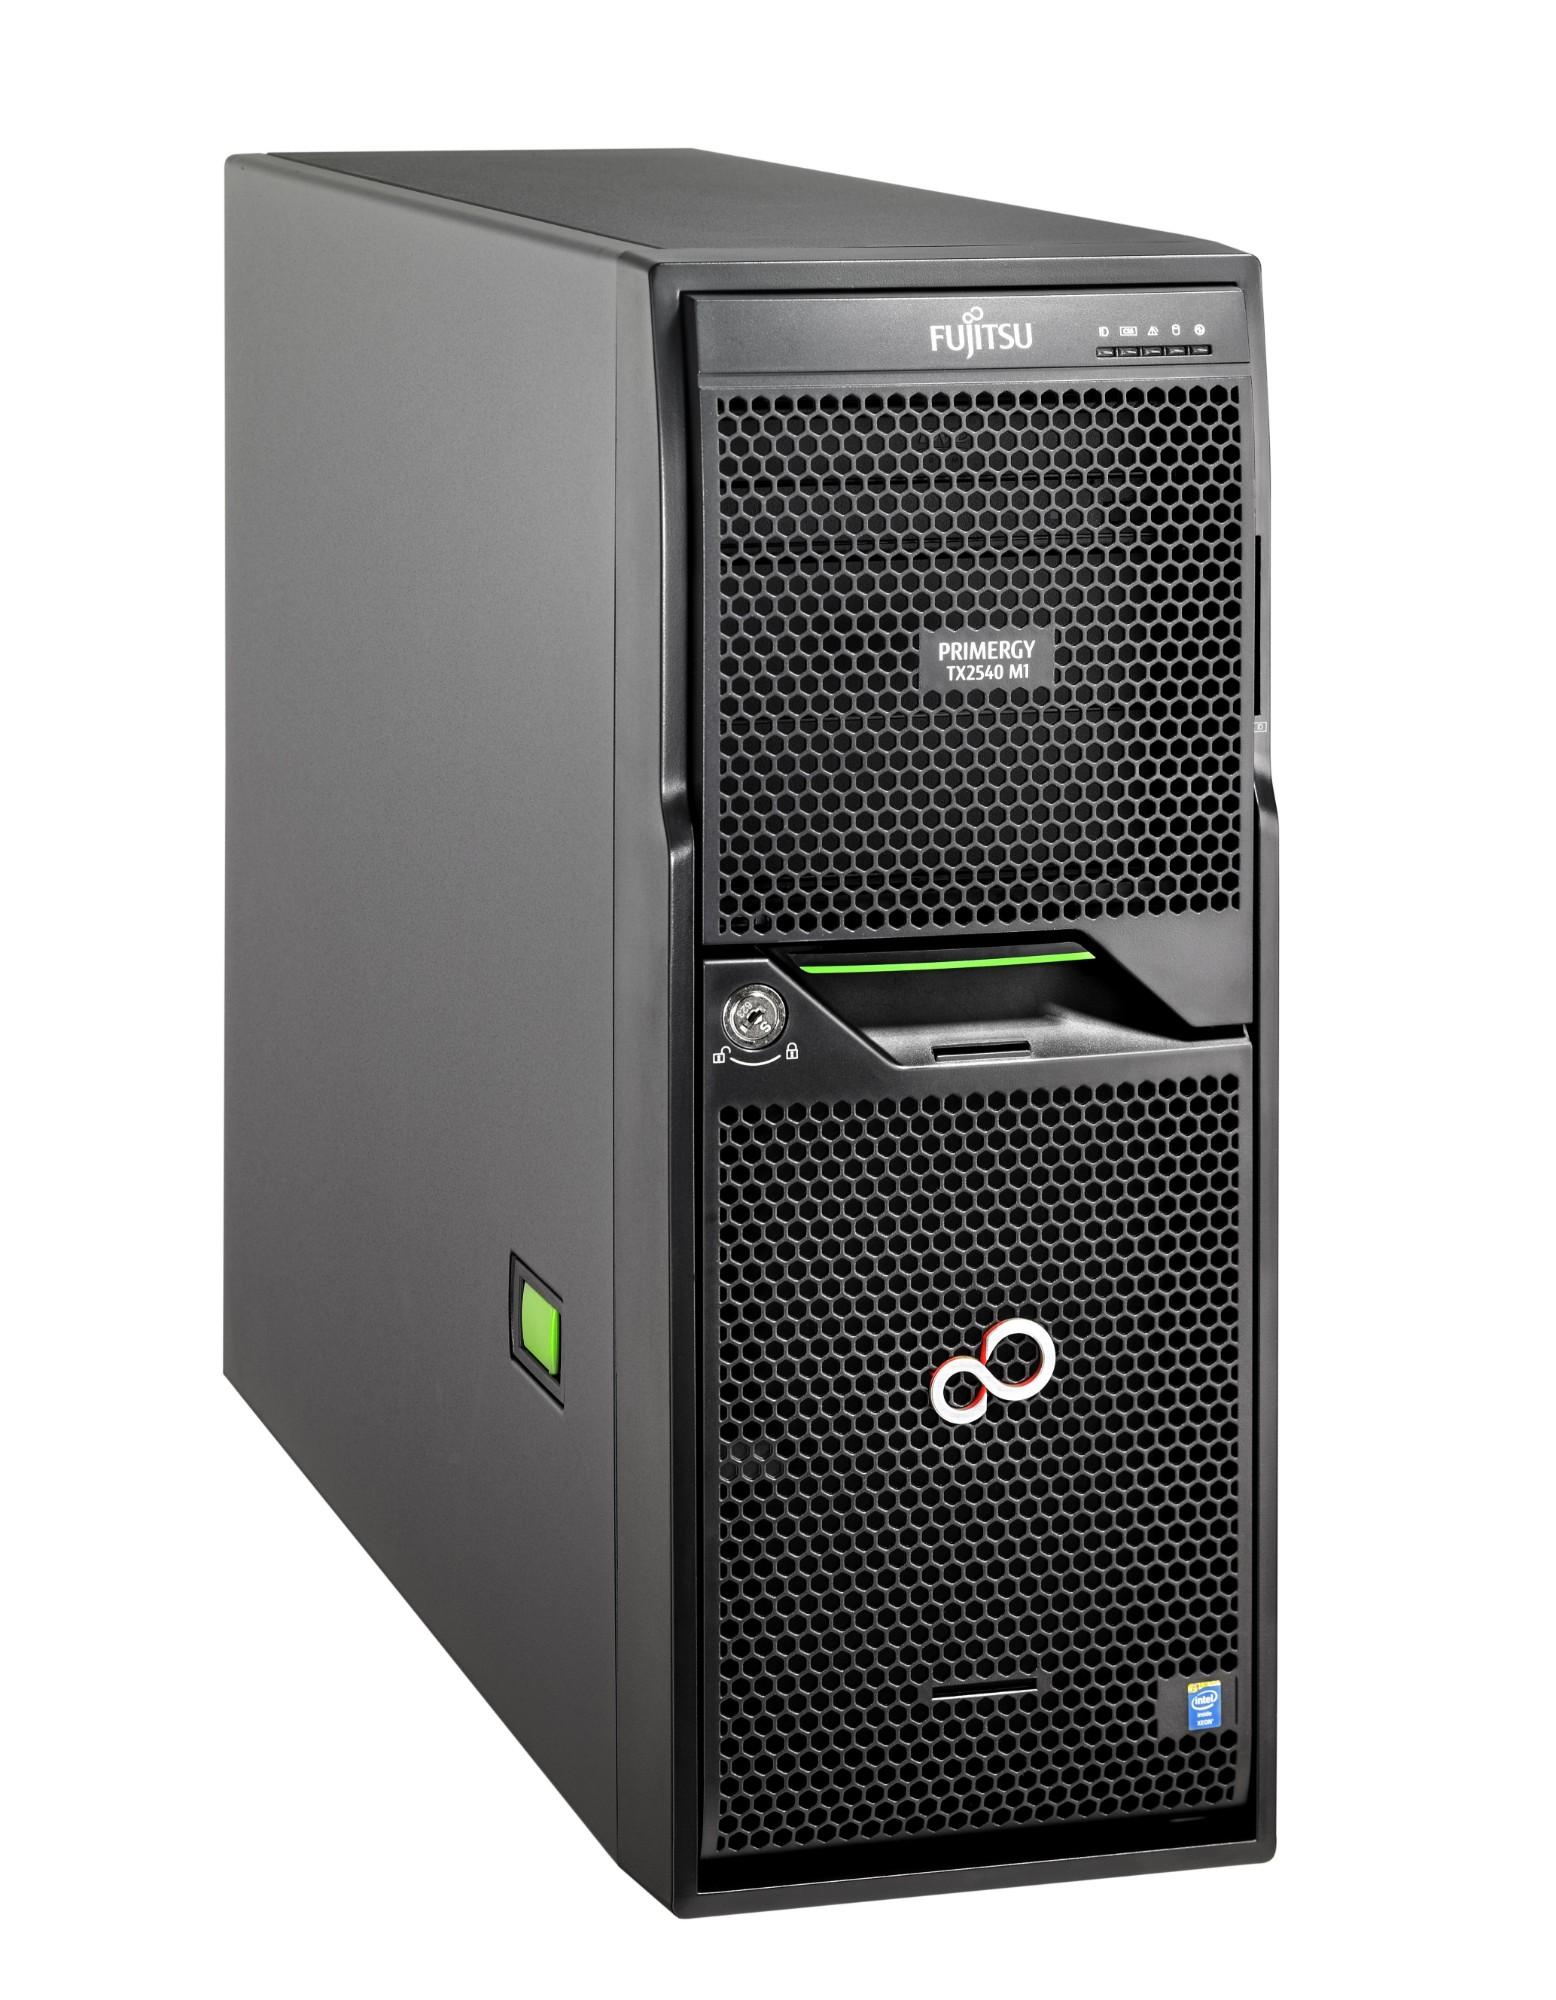 Fujitsu PRIMERGY TX2540 M1 2.4GHz E5-2407V2 Tower server